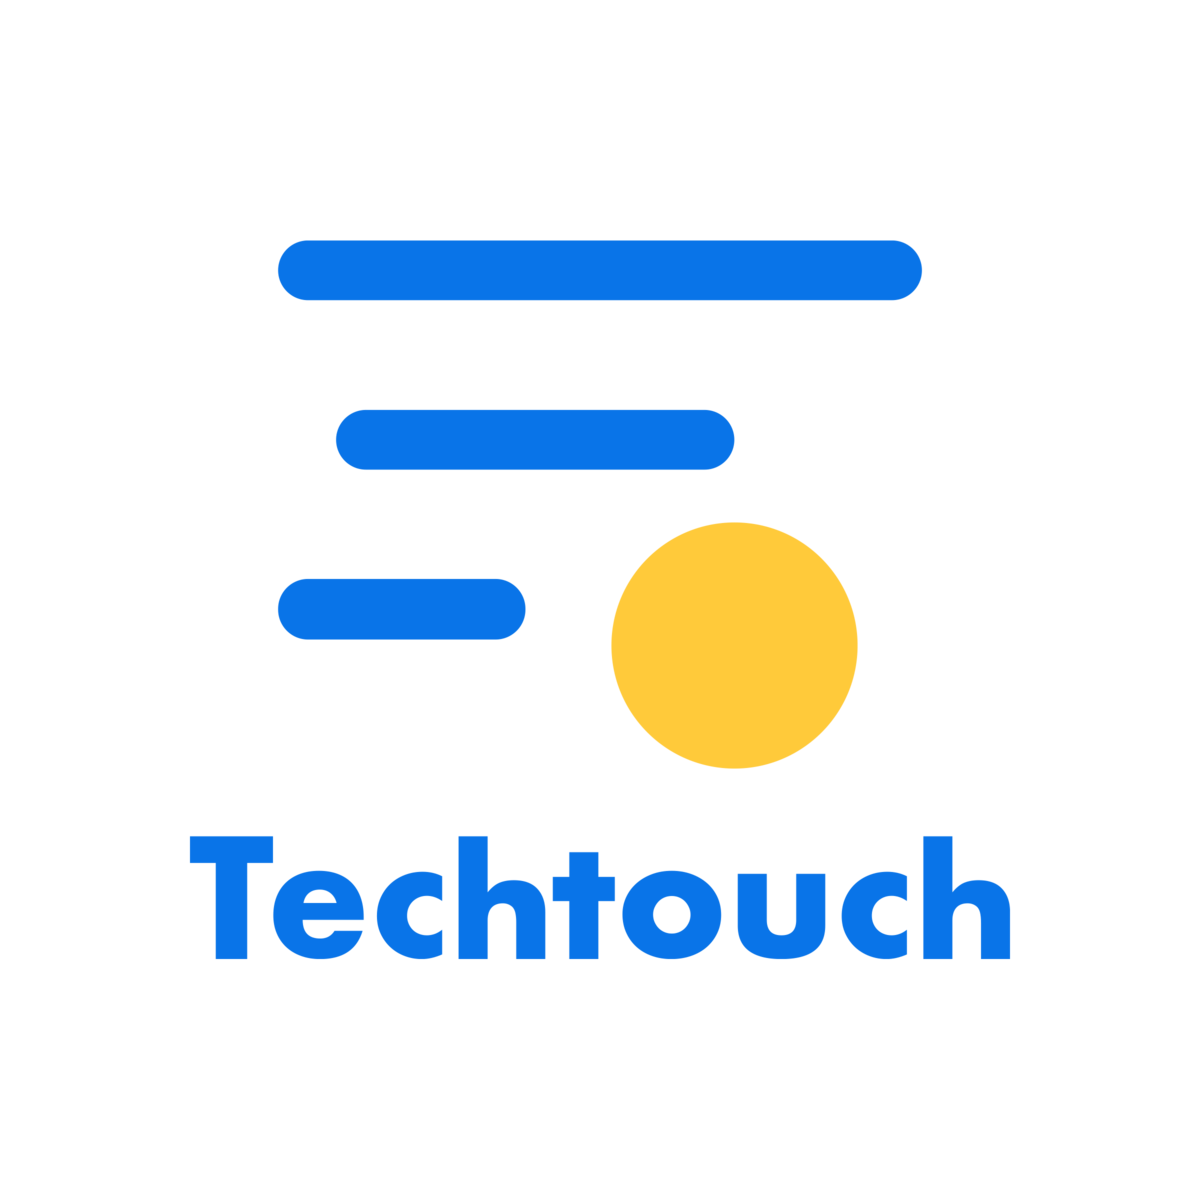 二代目のテックタッチロゴ